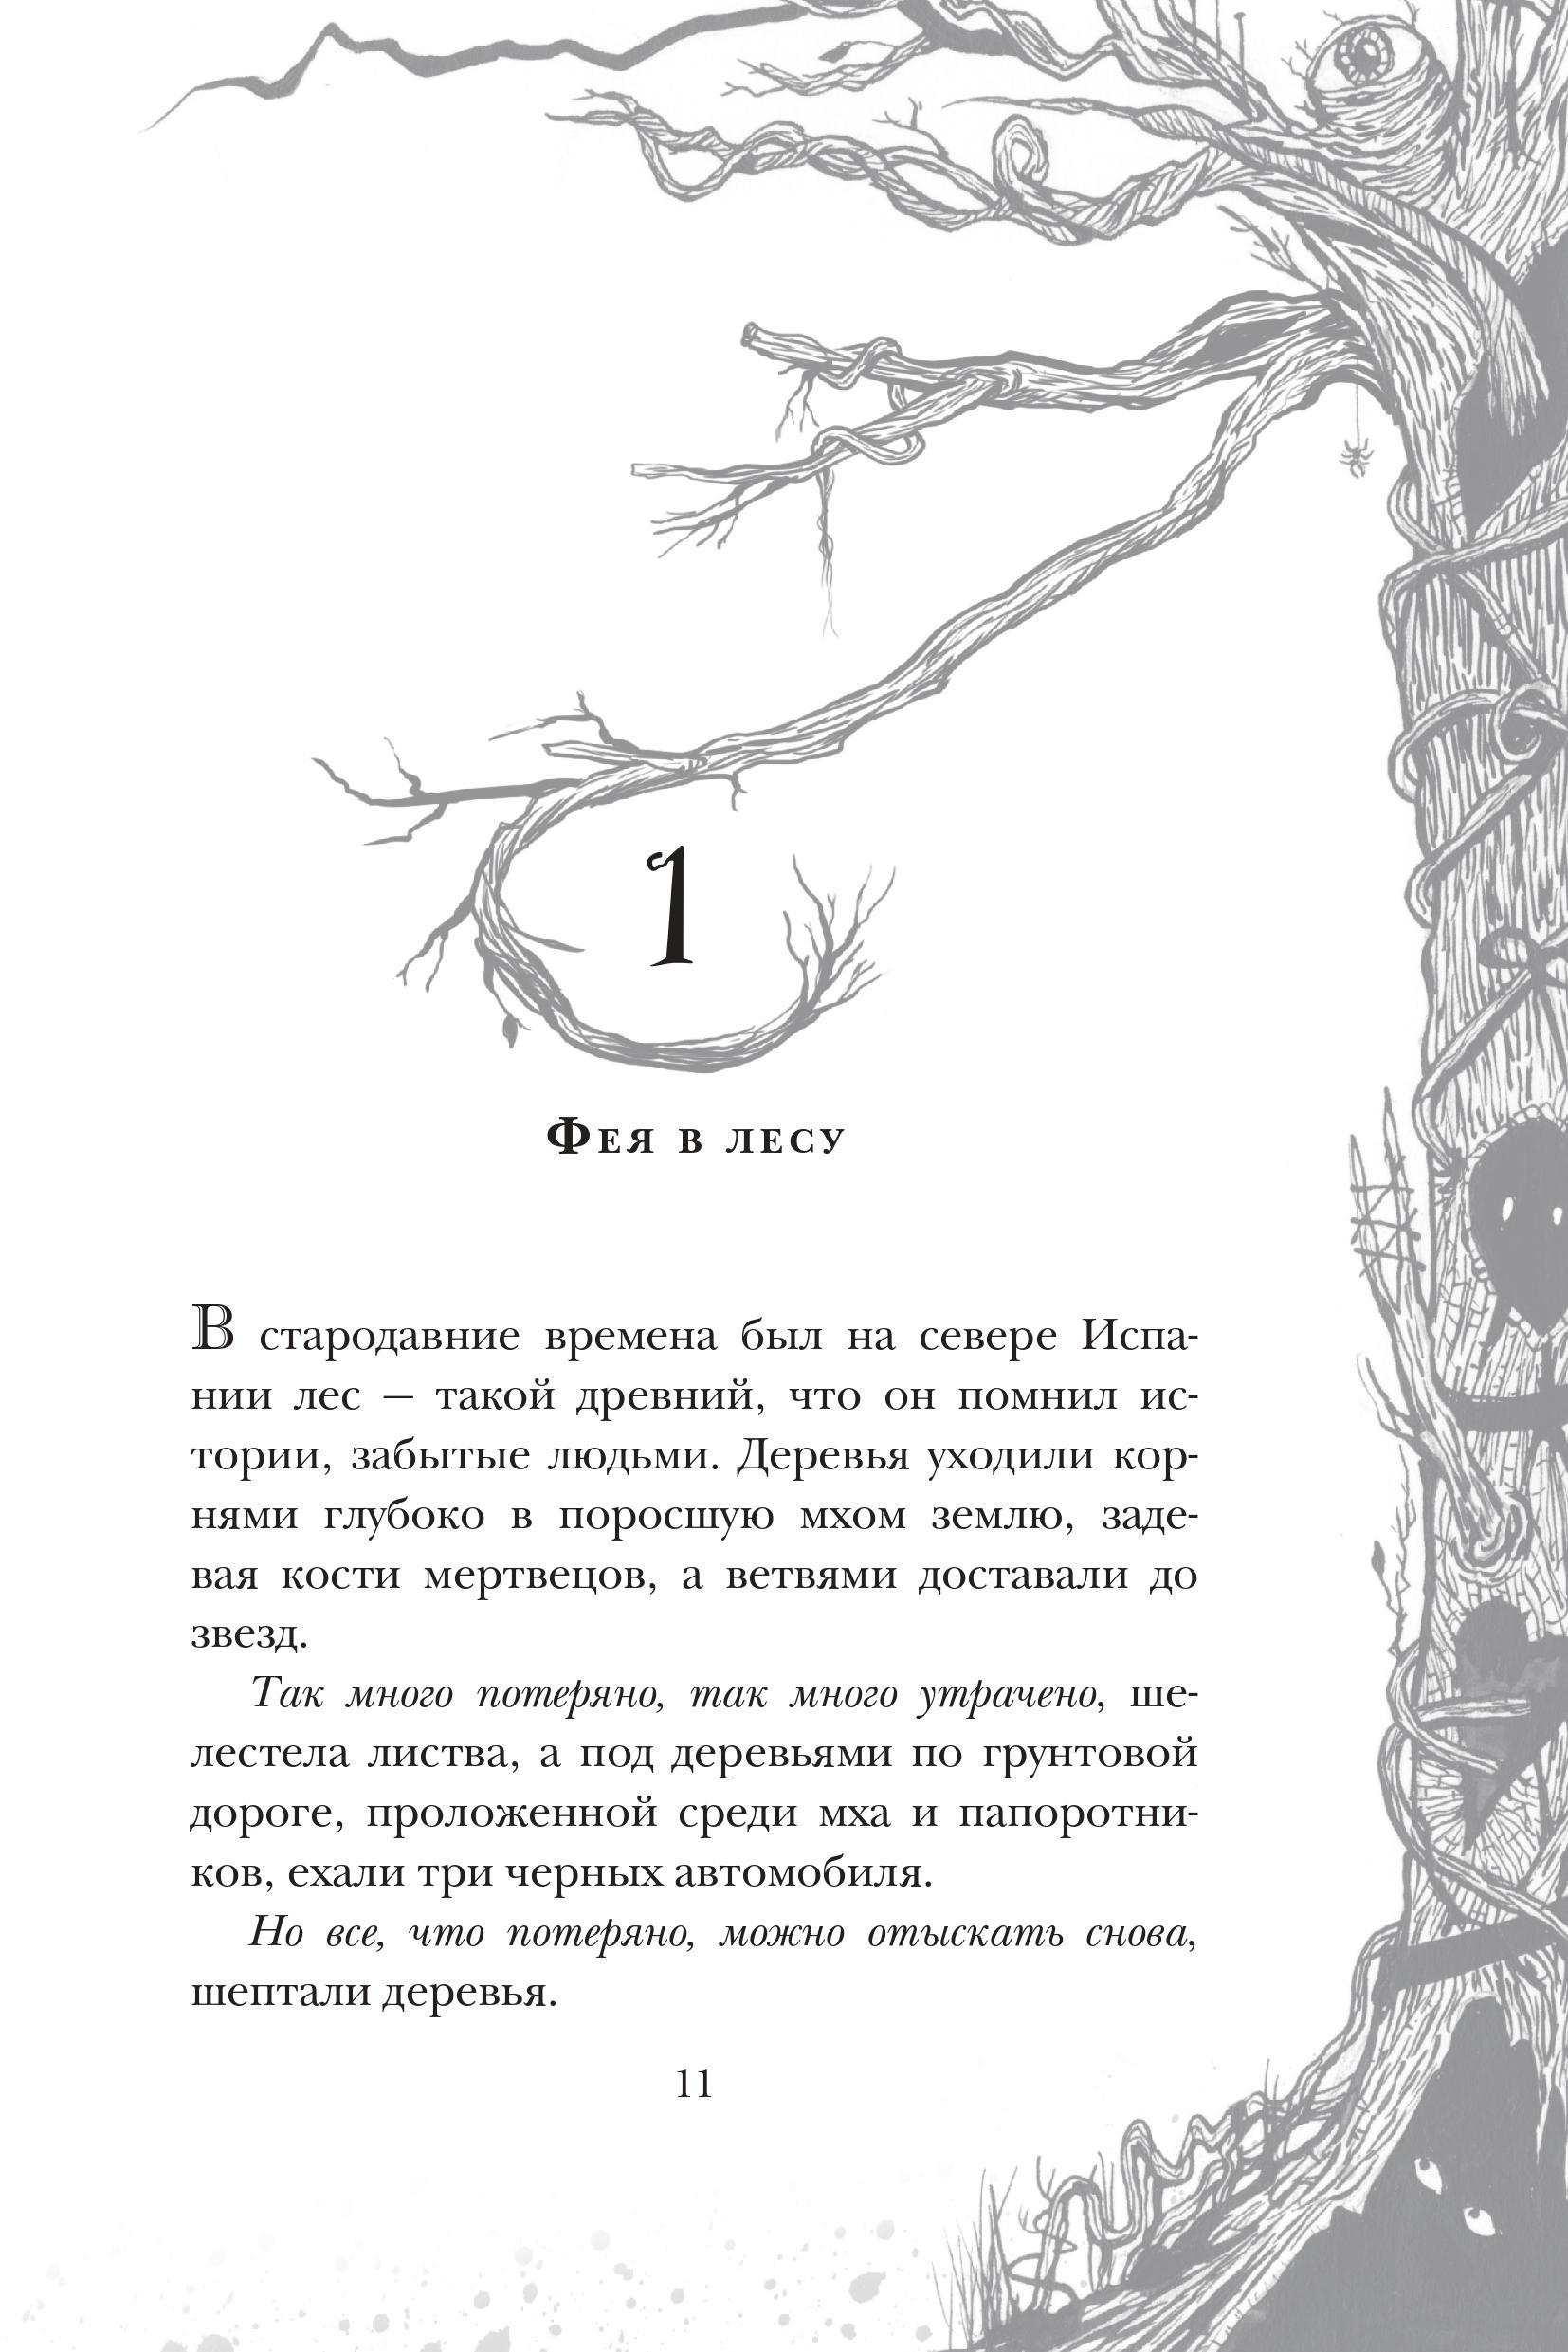 Мрачная сказка: отрывок из книги Гильермо Дель Торо и Корнелии Функе «Лабиринт Фавна» 3